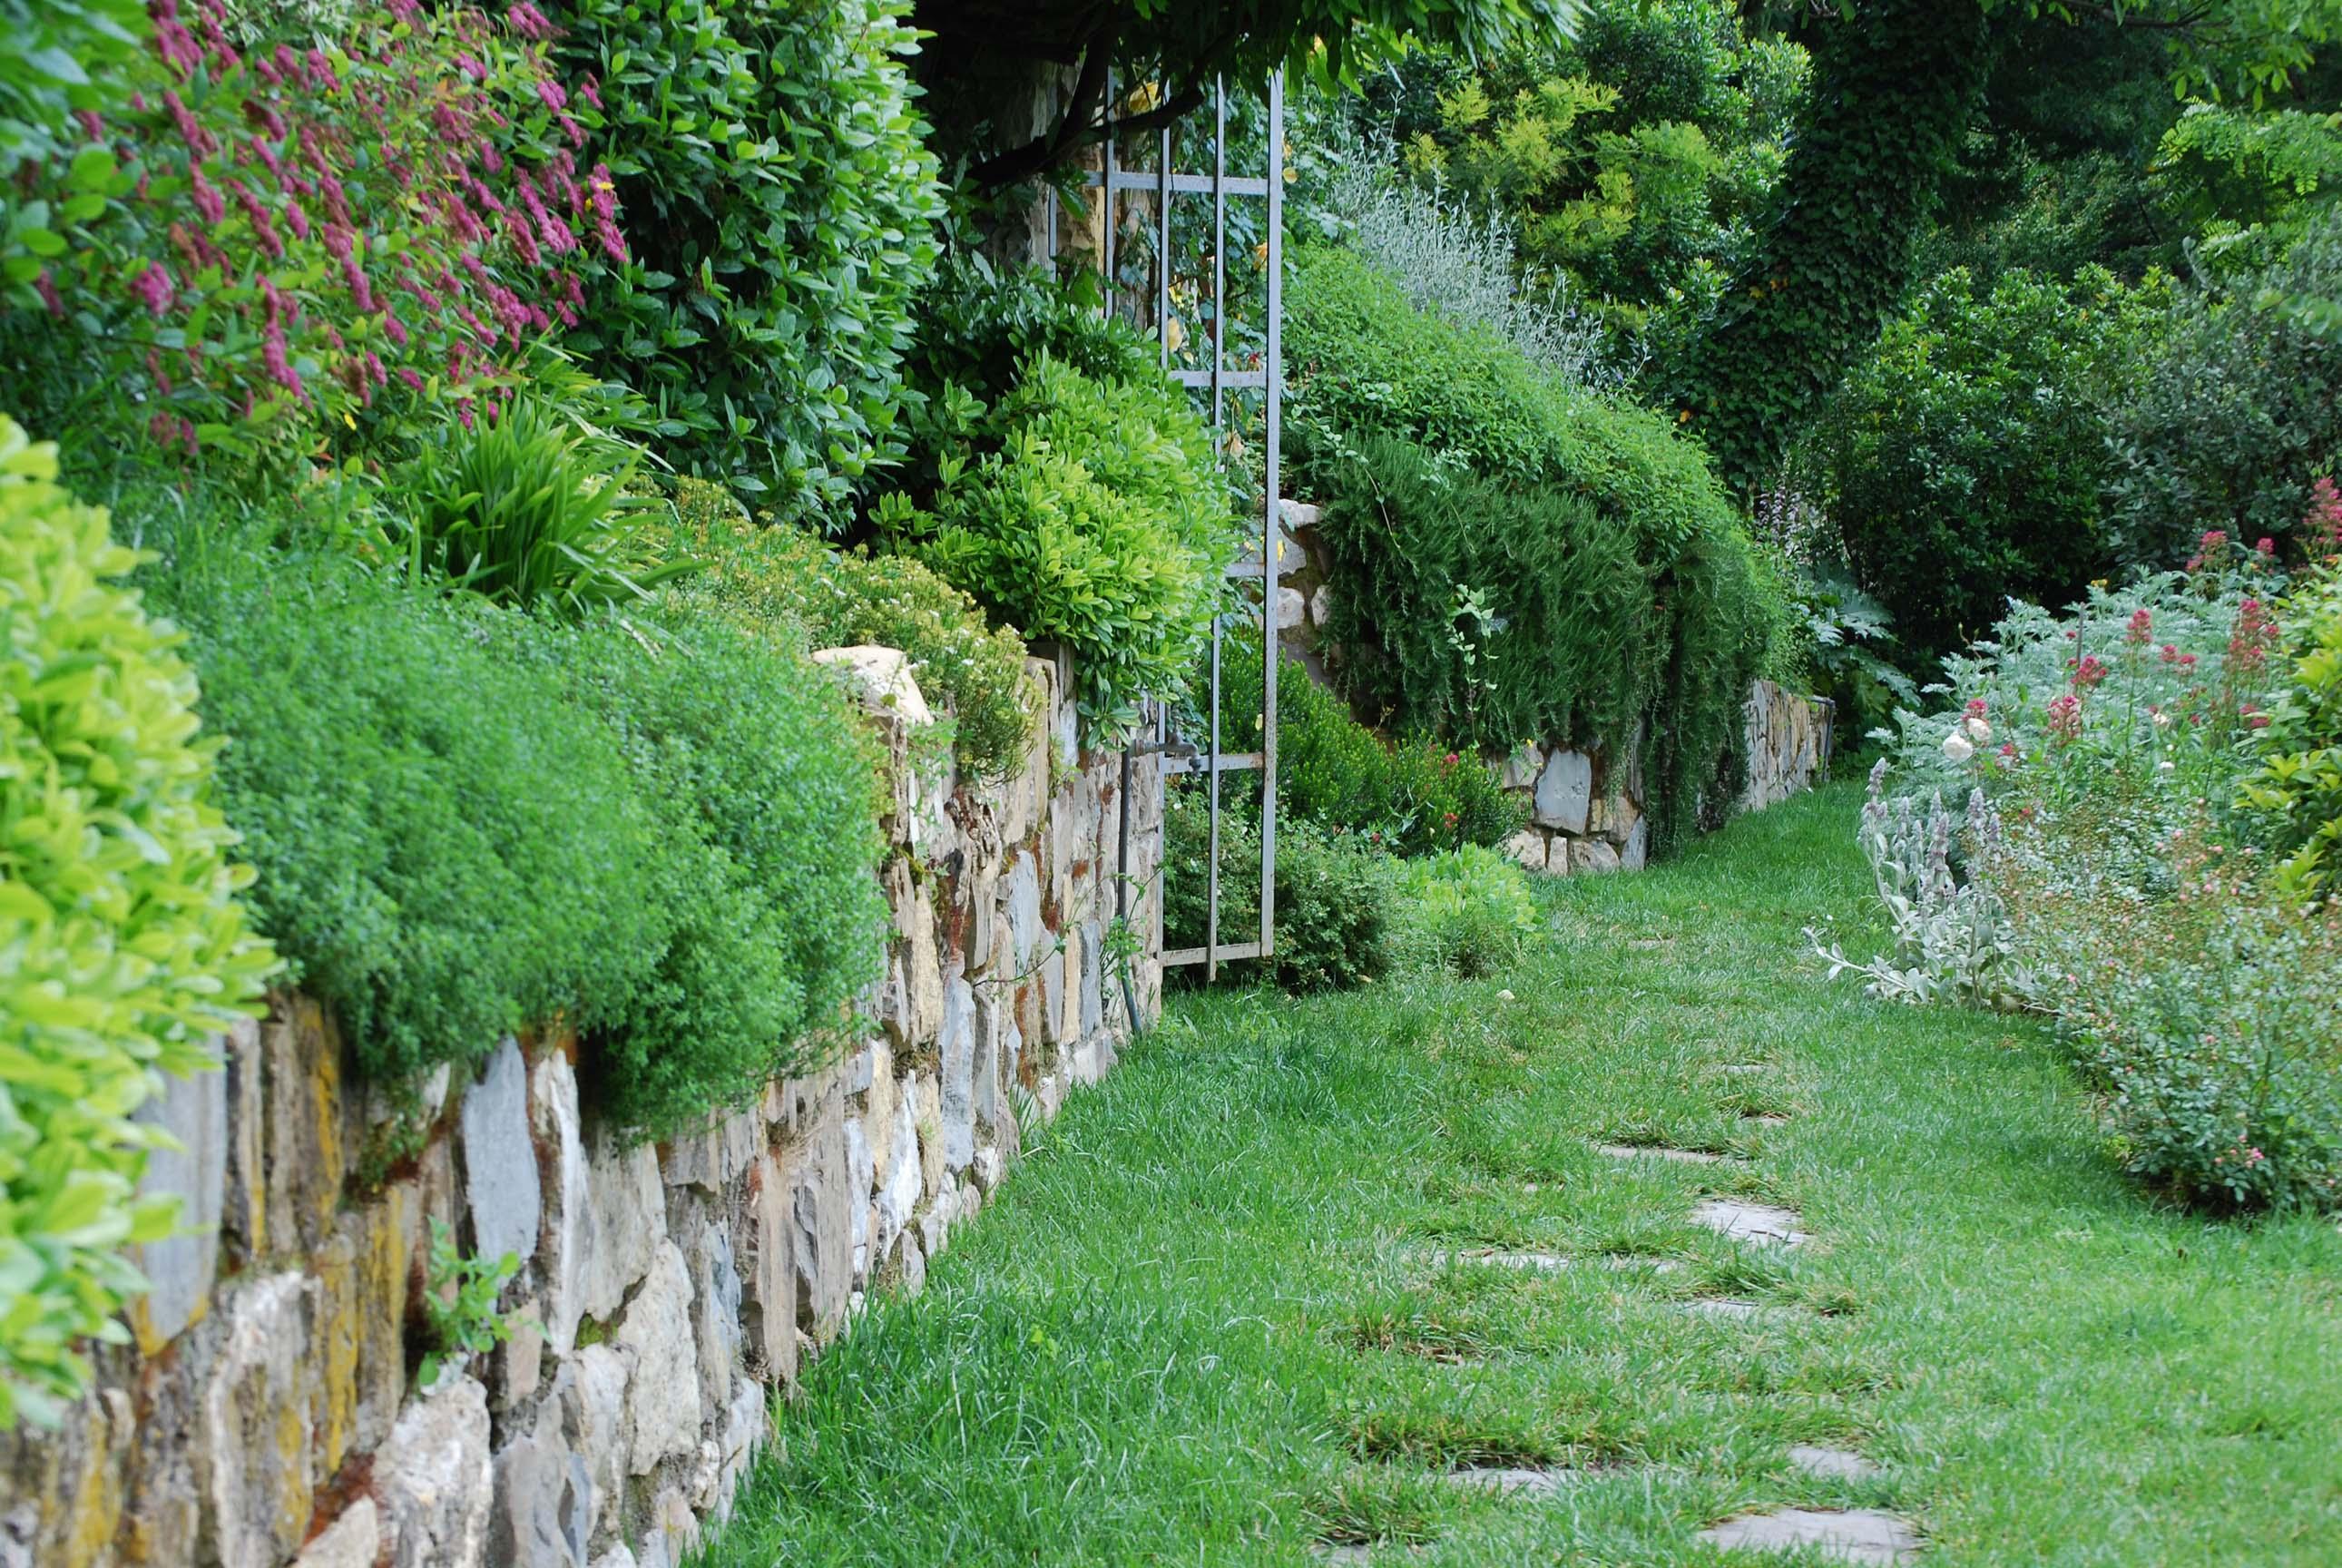 Come Recintare Un Giardino a ogni giardino la sua recinzione - guidagiardini.it